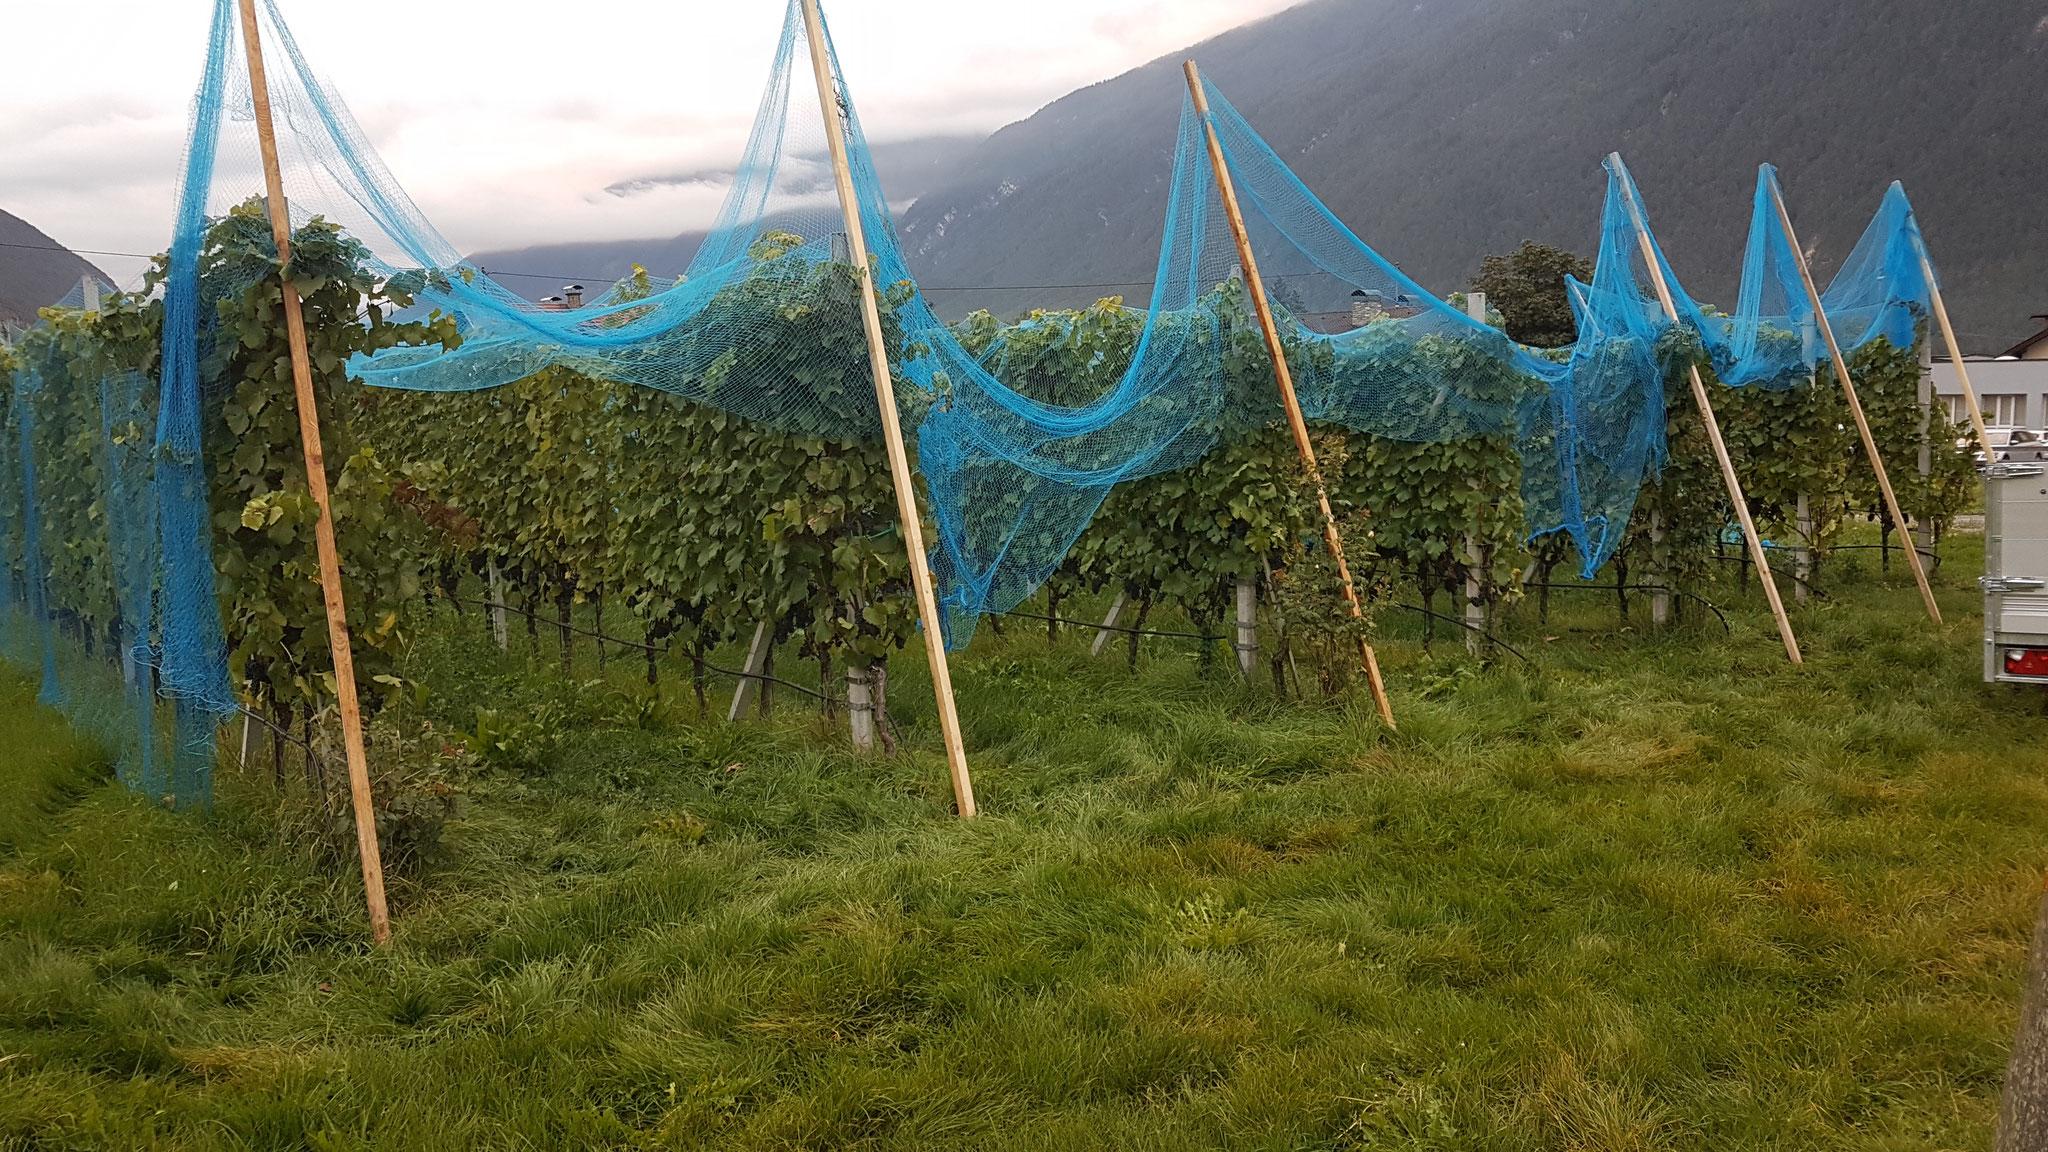 Erntezeit - der Vorhang (Vogelschutznetze) geht früh morgens auf